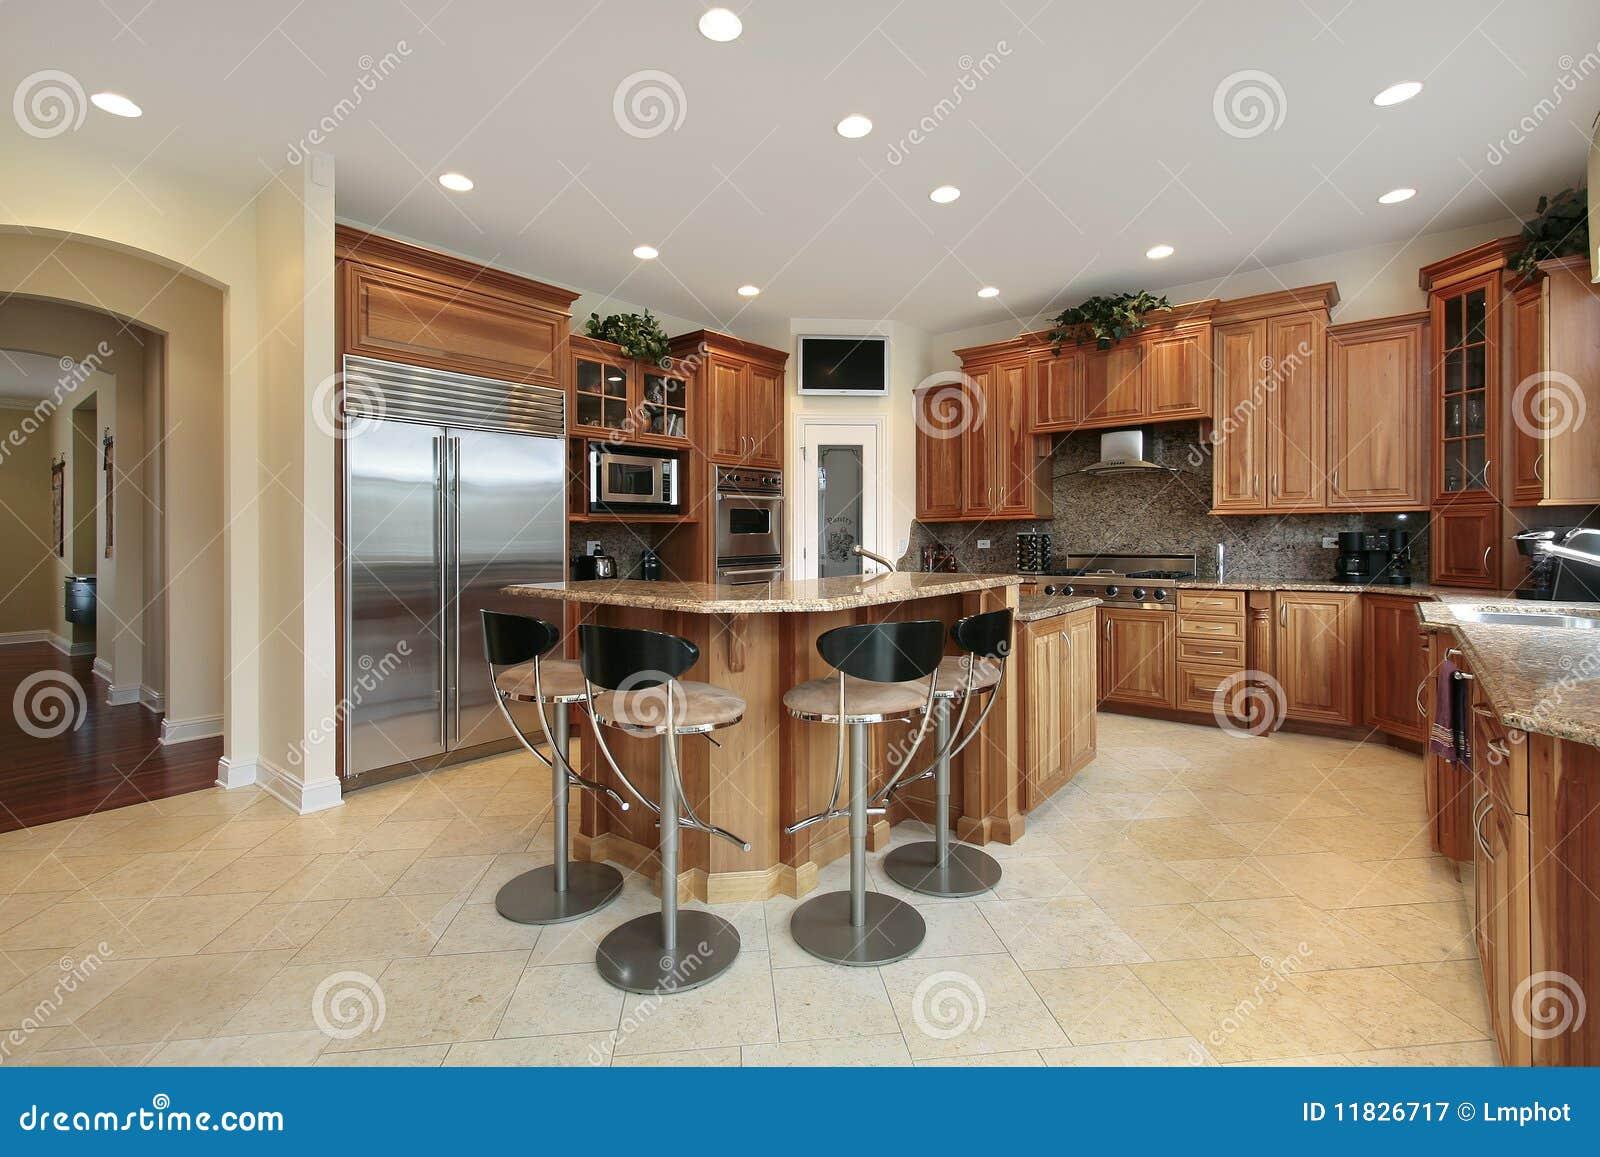 Barkrukken keukens : Keuken met barkrukken royalty vrije stock fotografie afbeelding